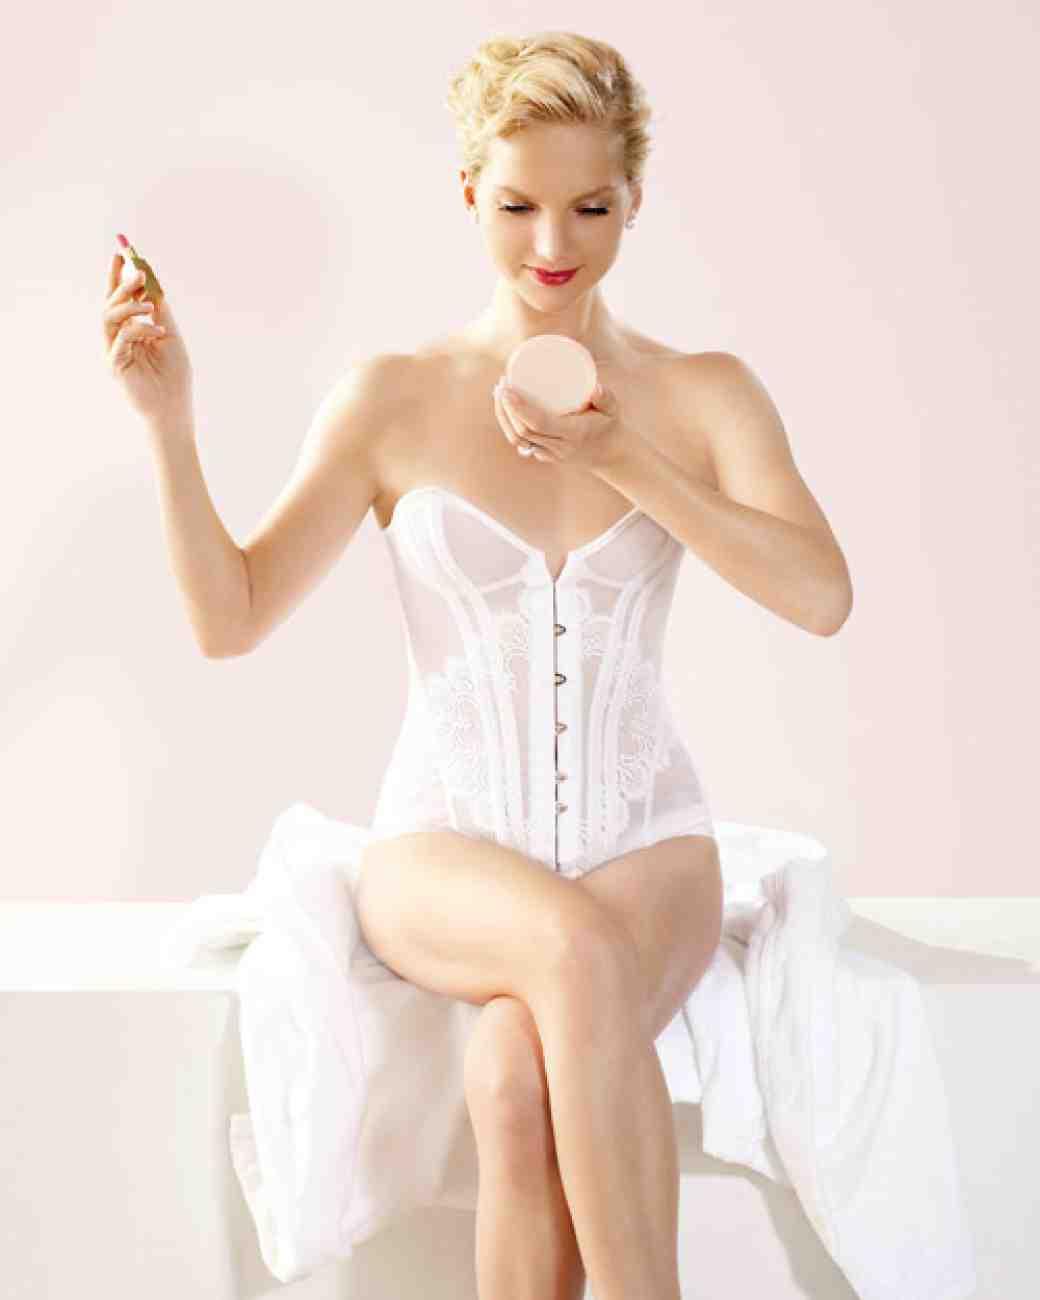 Wedding undergarment beauty essentials for Underwear under wedding dress